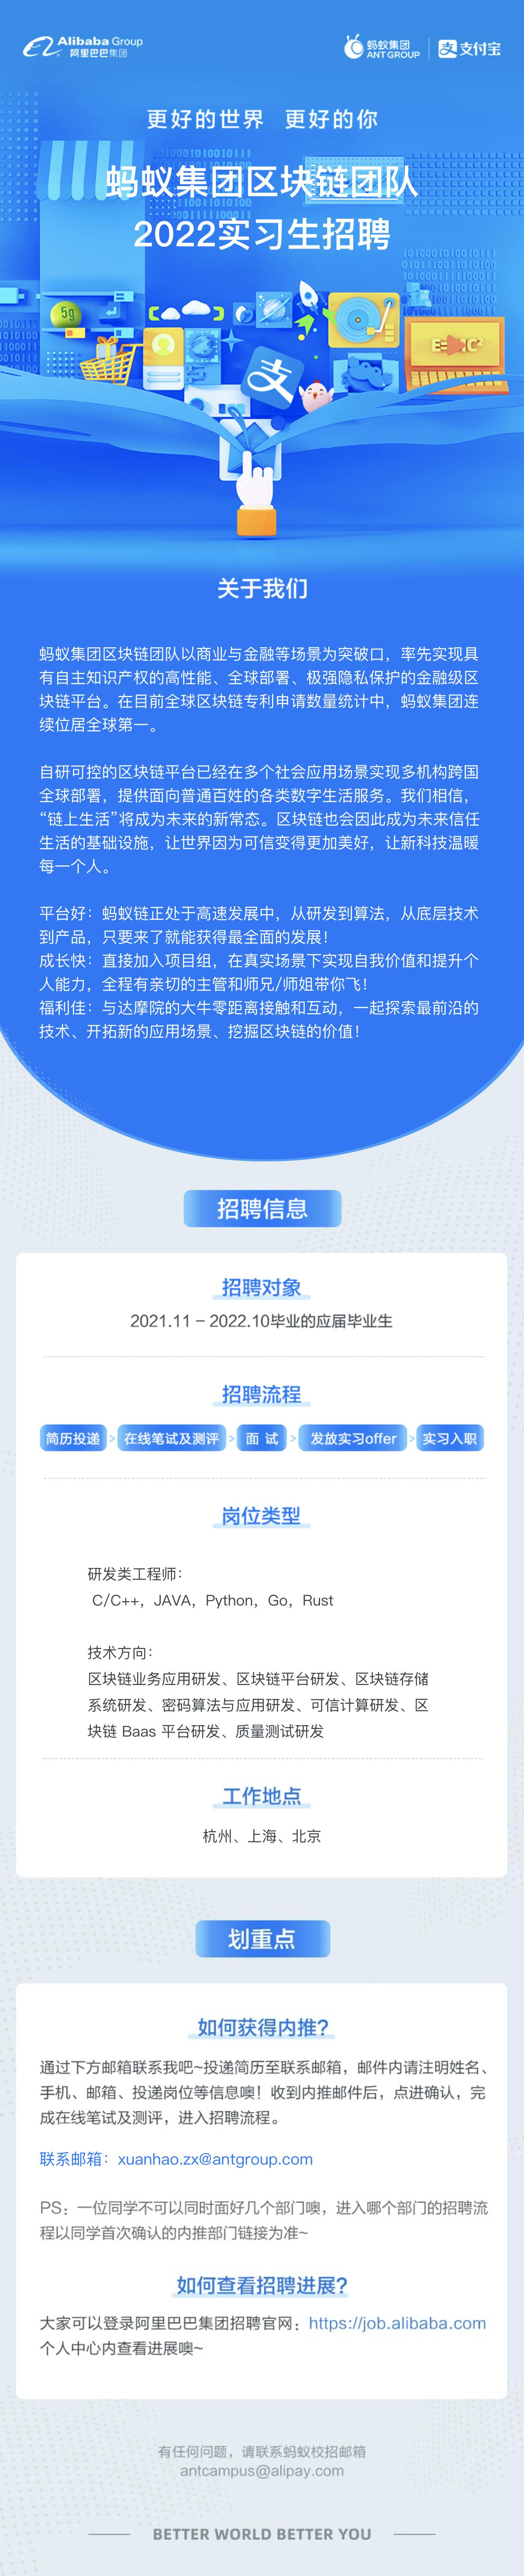 招聘海报.png